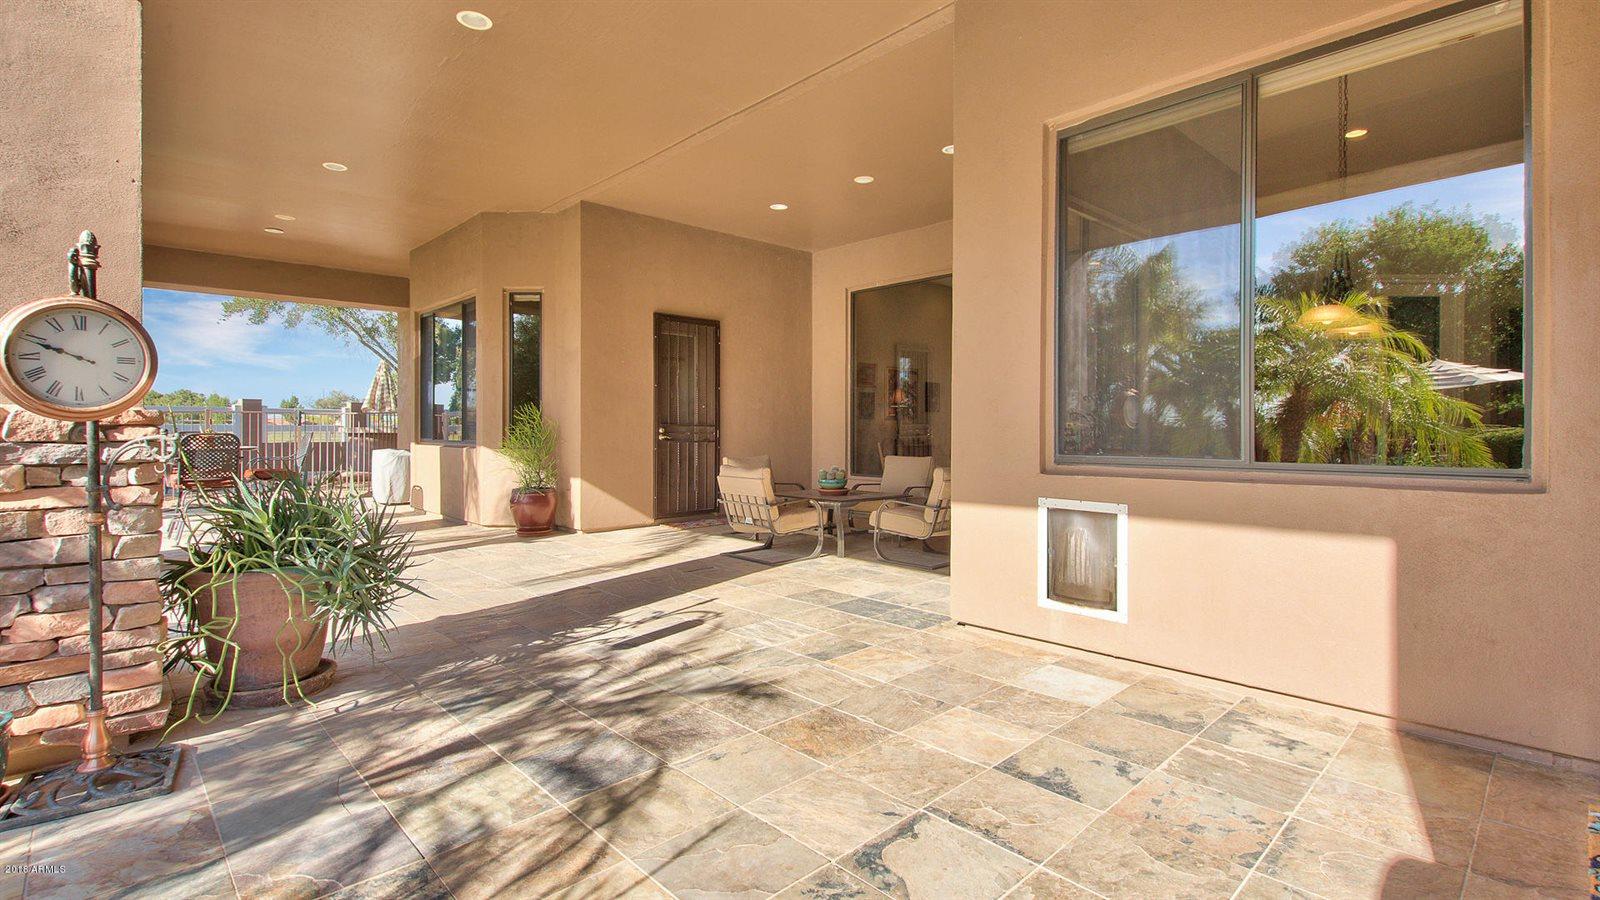 22444 South 199TH Circle, Queen Creek, AZ 85142